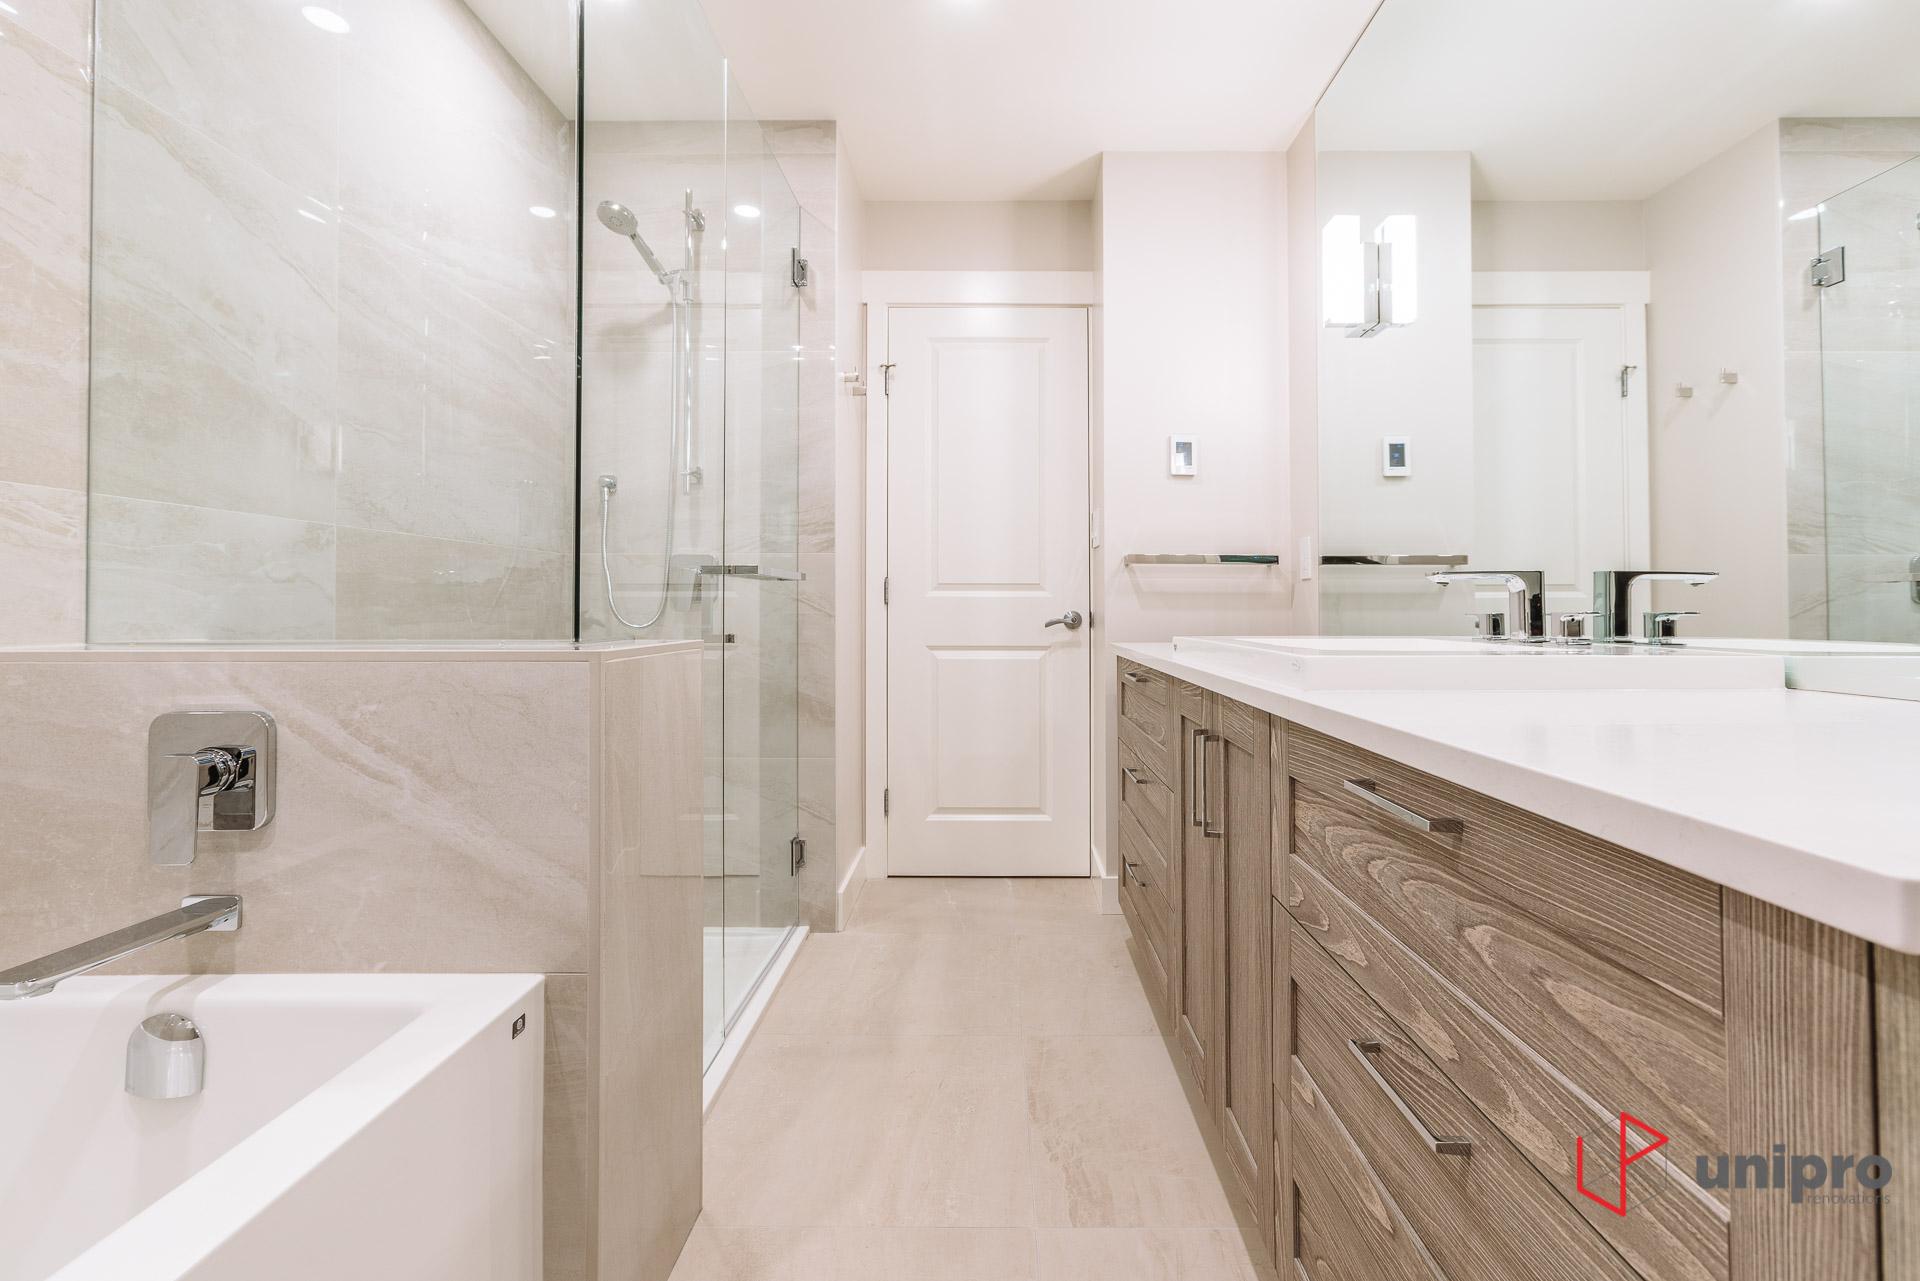 north-vancouver-bathroom-renovation-7